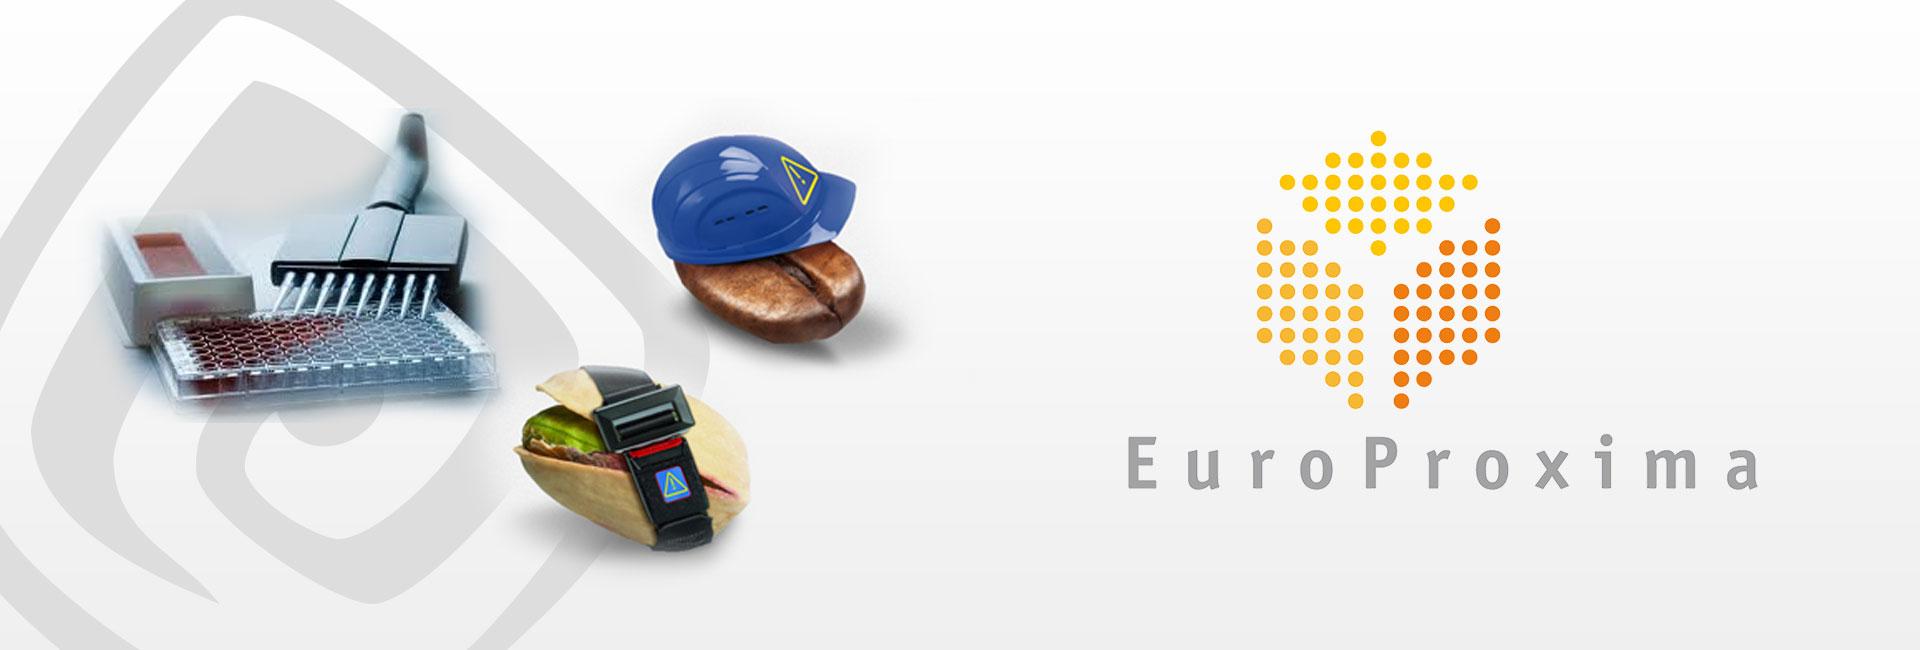 EuroProxima